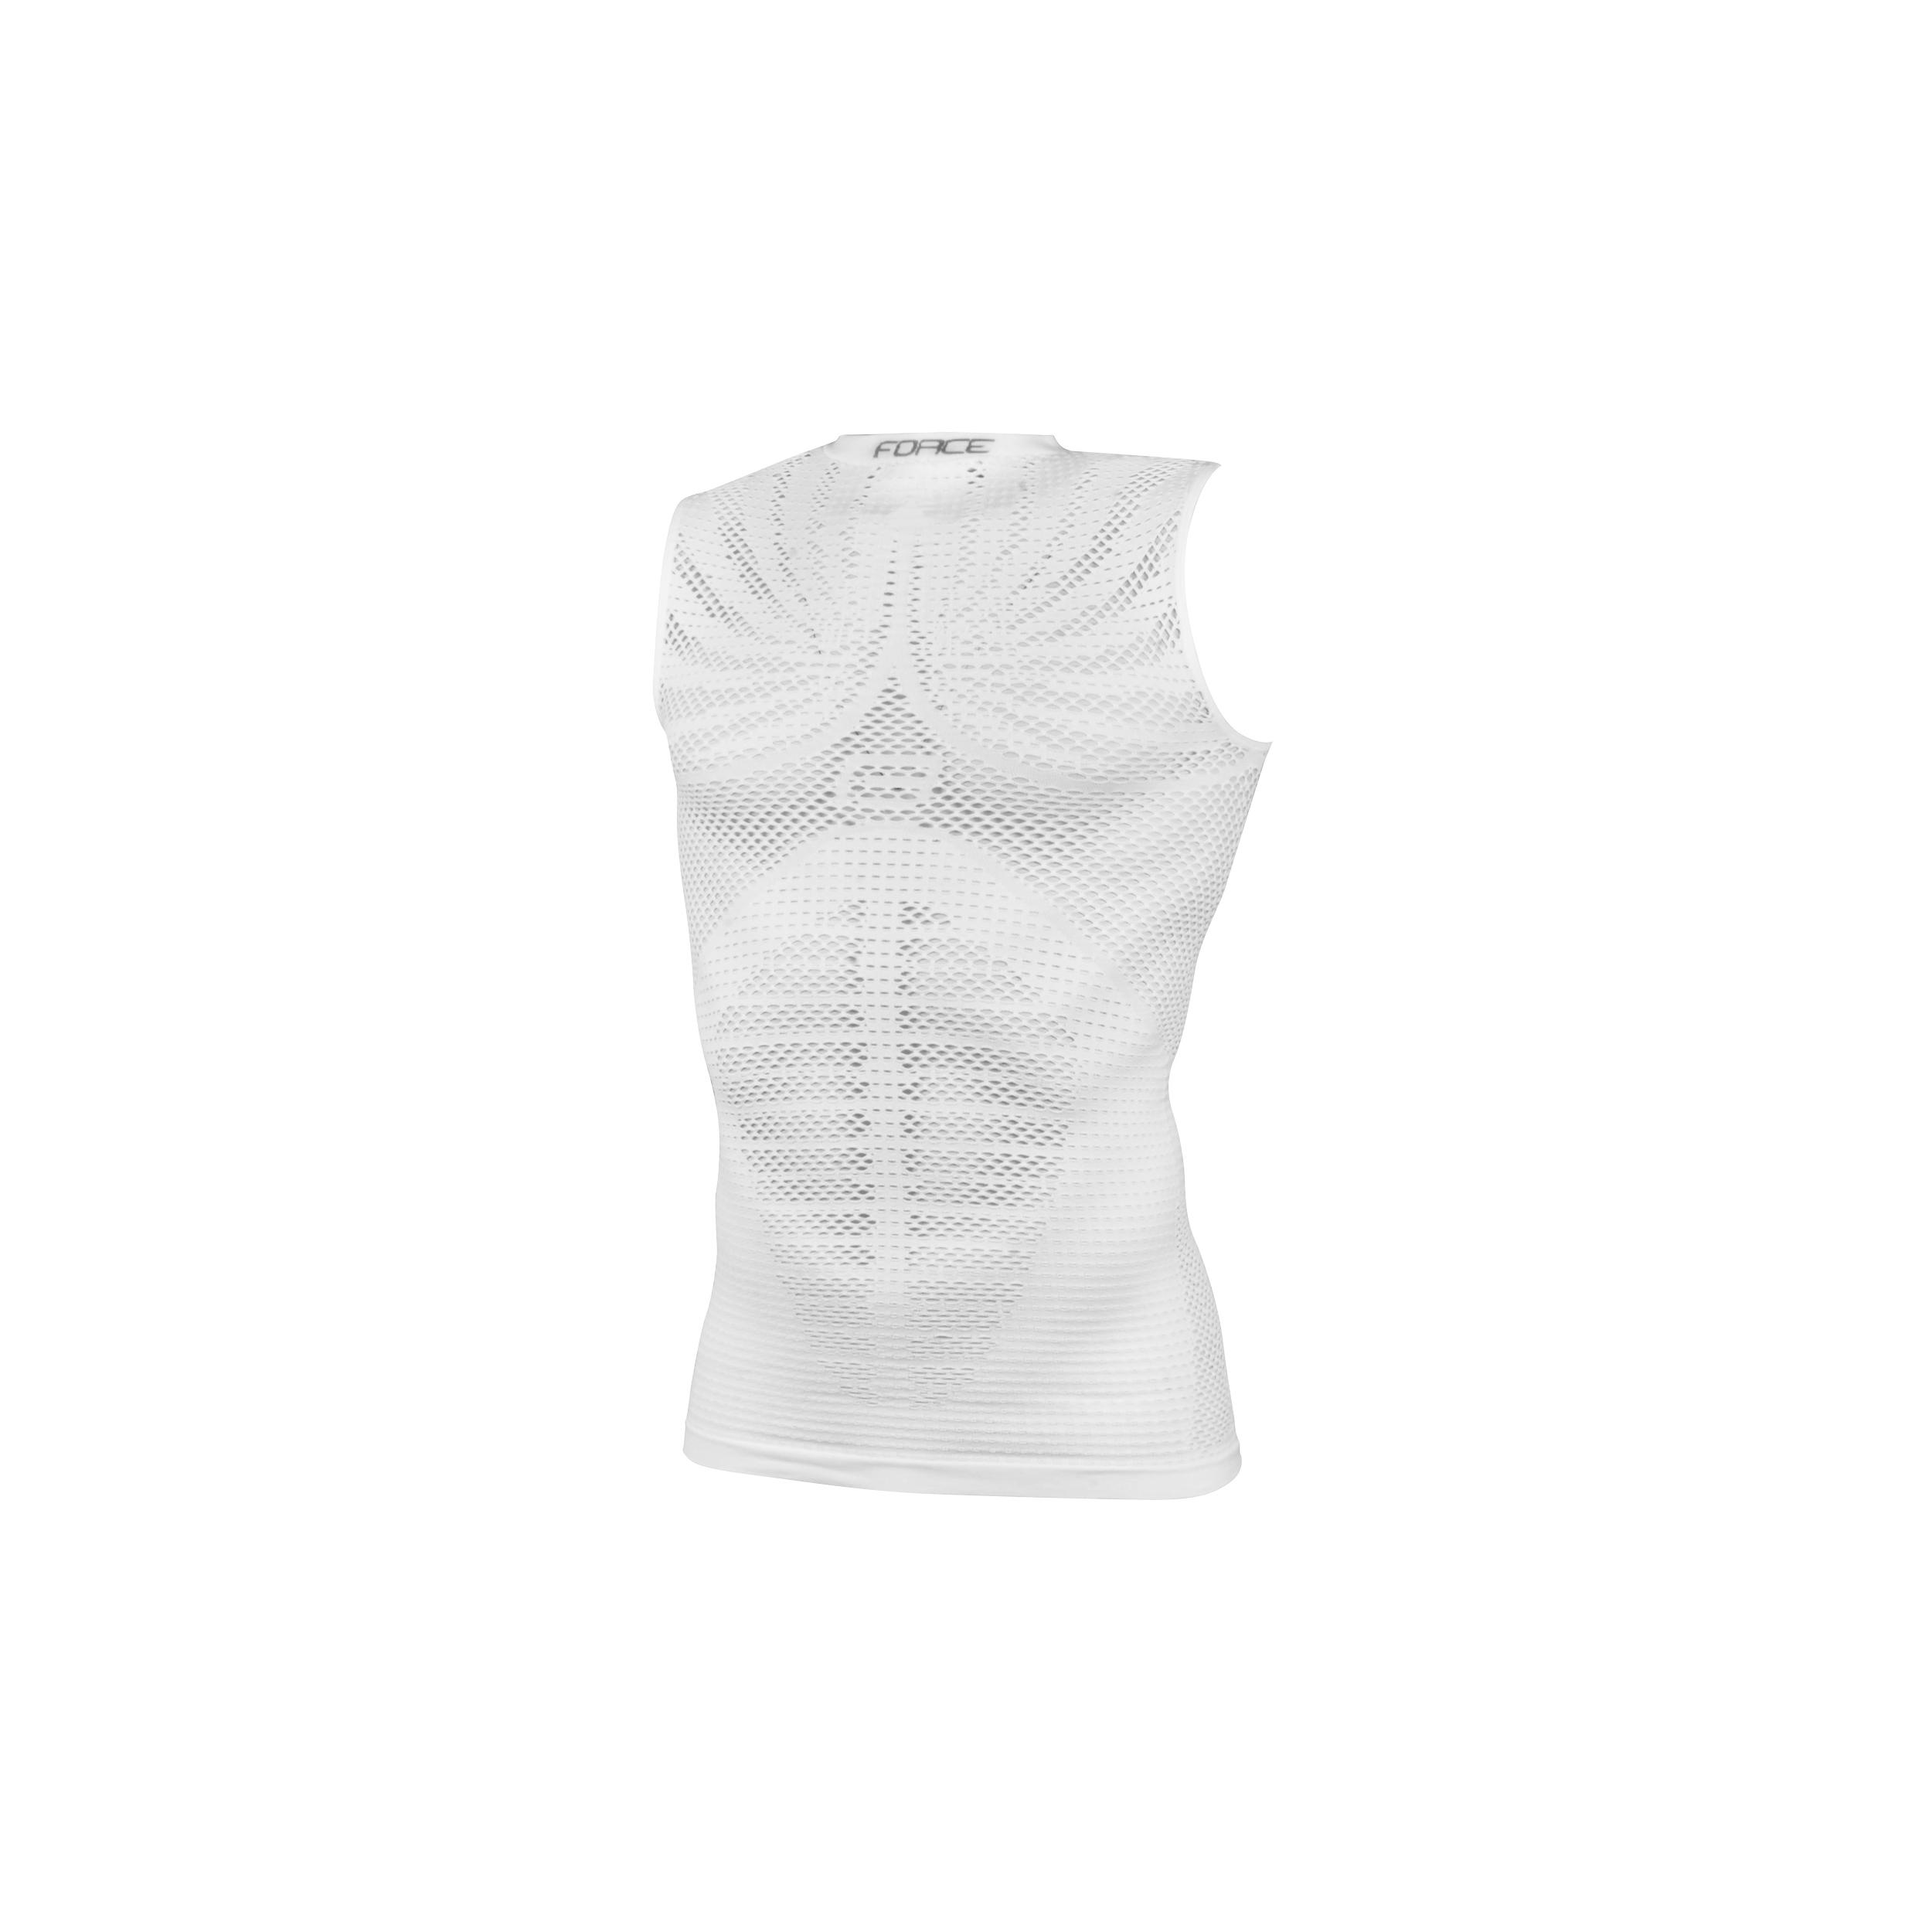 Force triko/funkční prádlo F Tropic bez rukávůbílé S-M